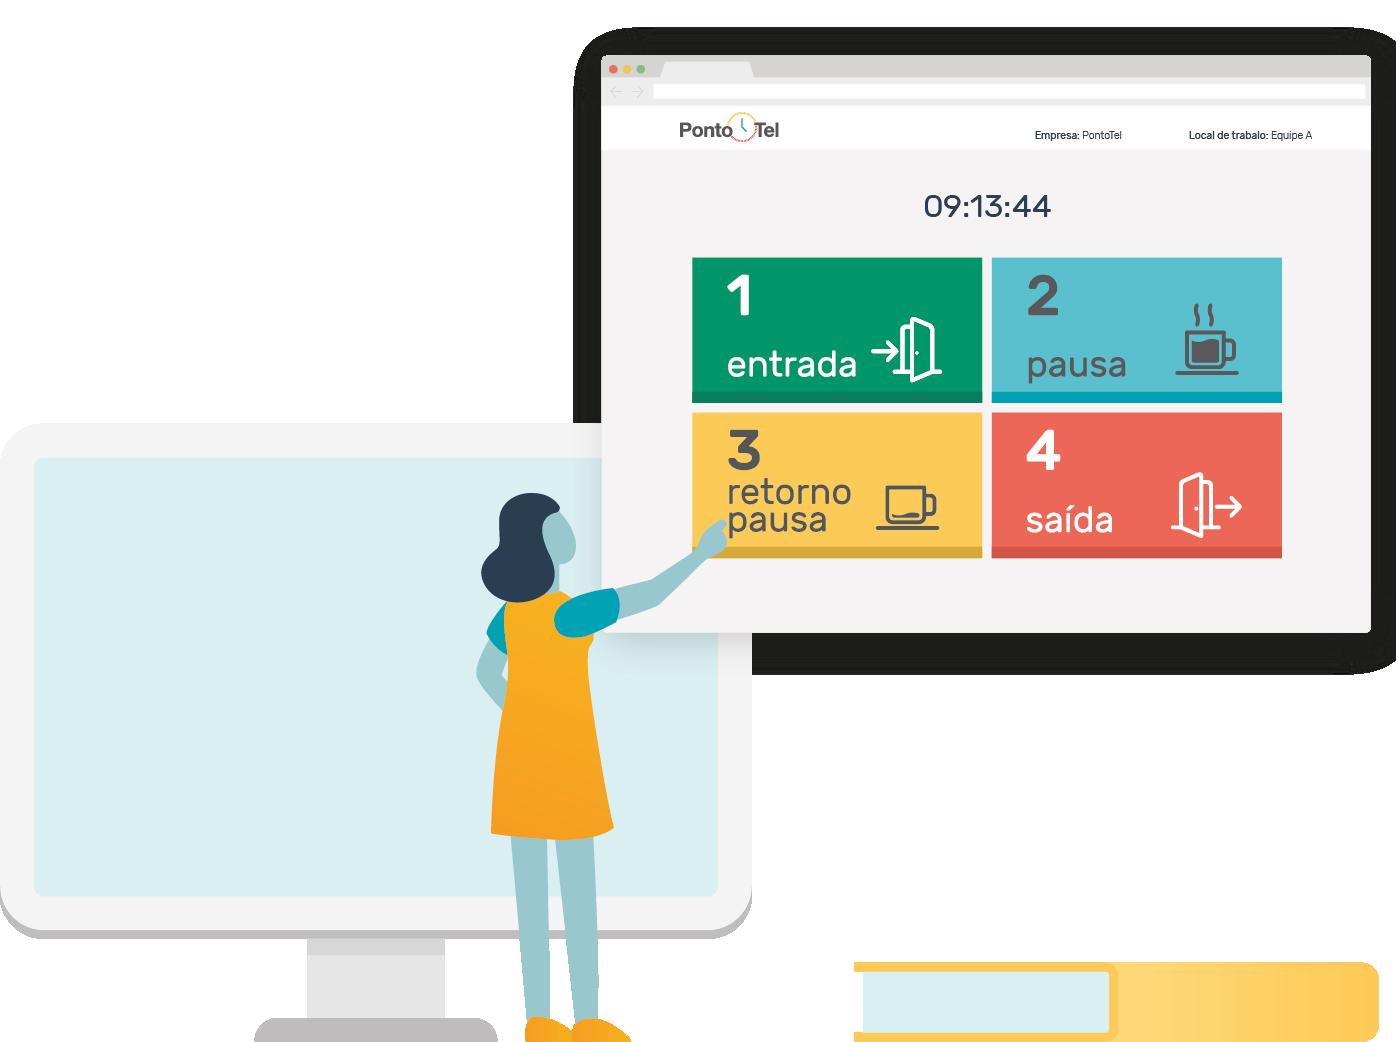 registro pontotel desktop web